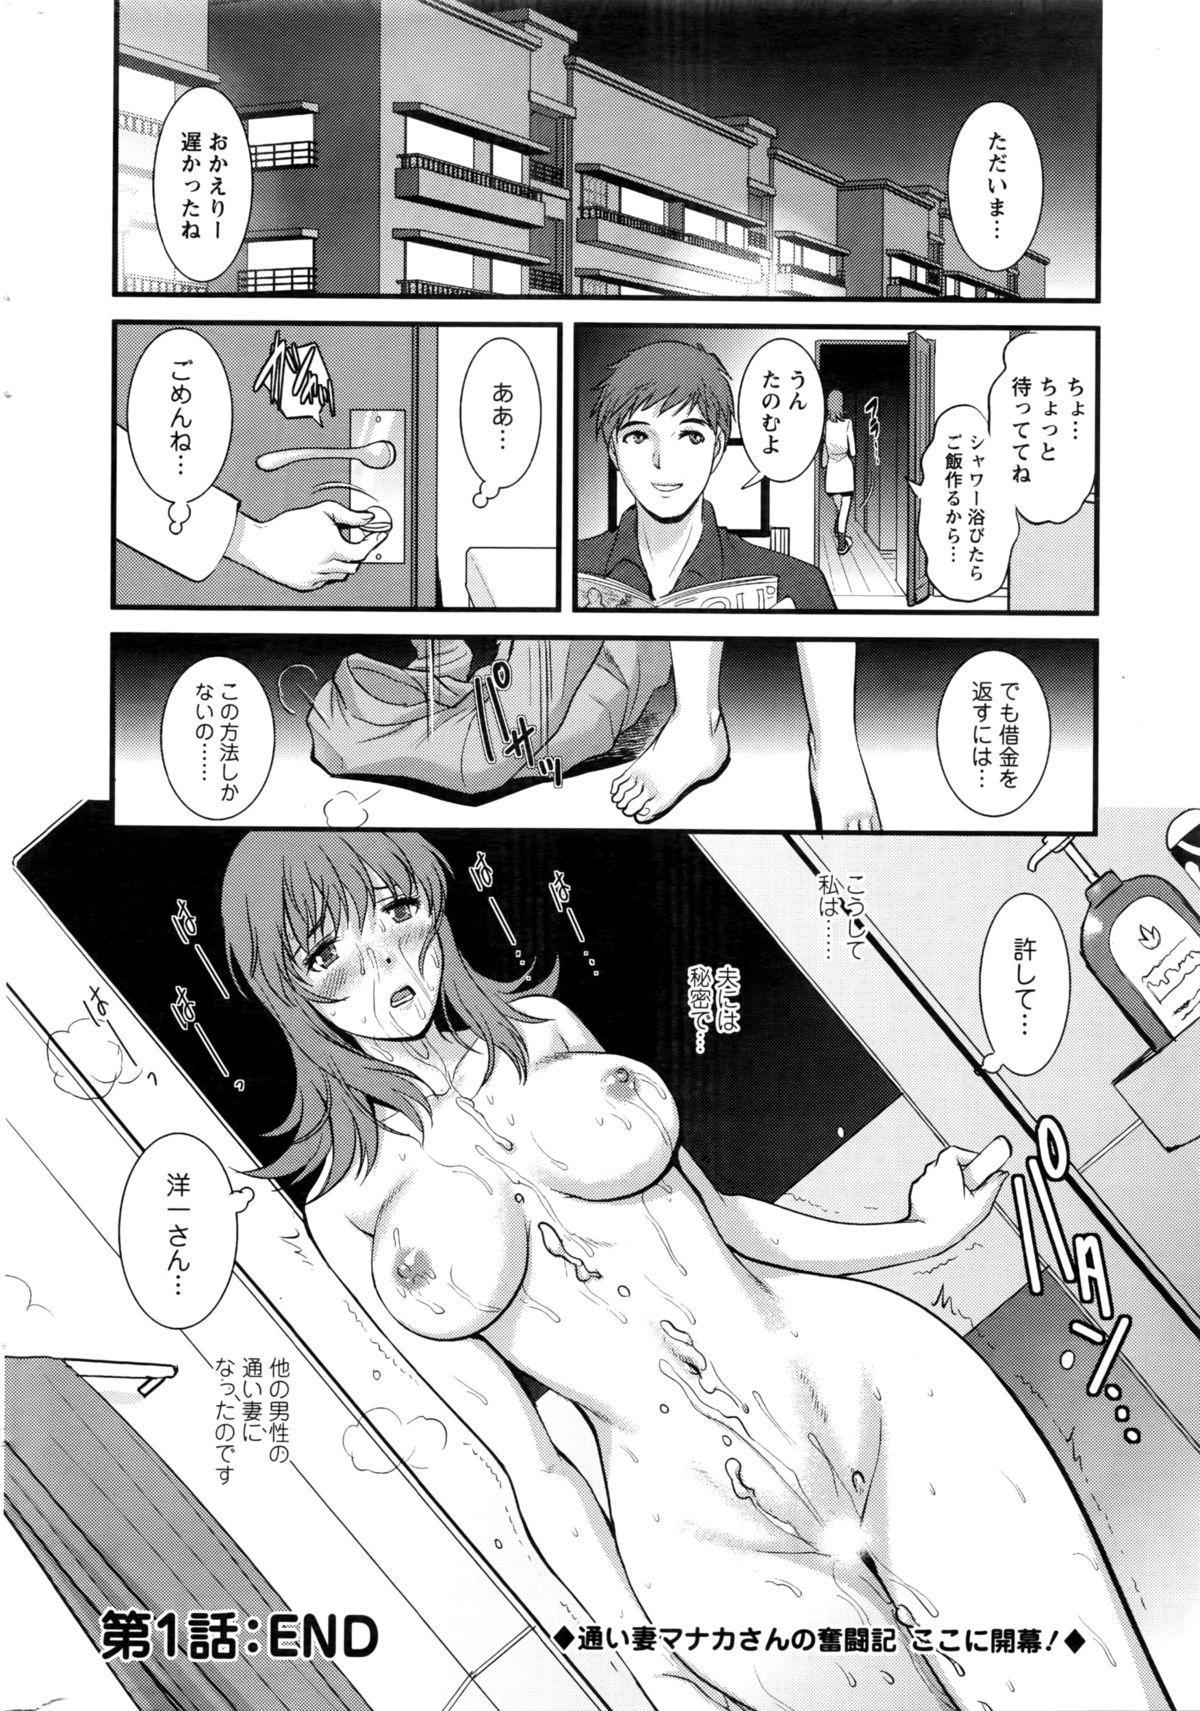 [Saigado] Part time Manaka-san 2nd Ch. 1-3 19